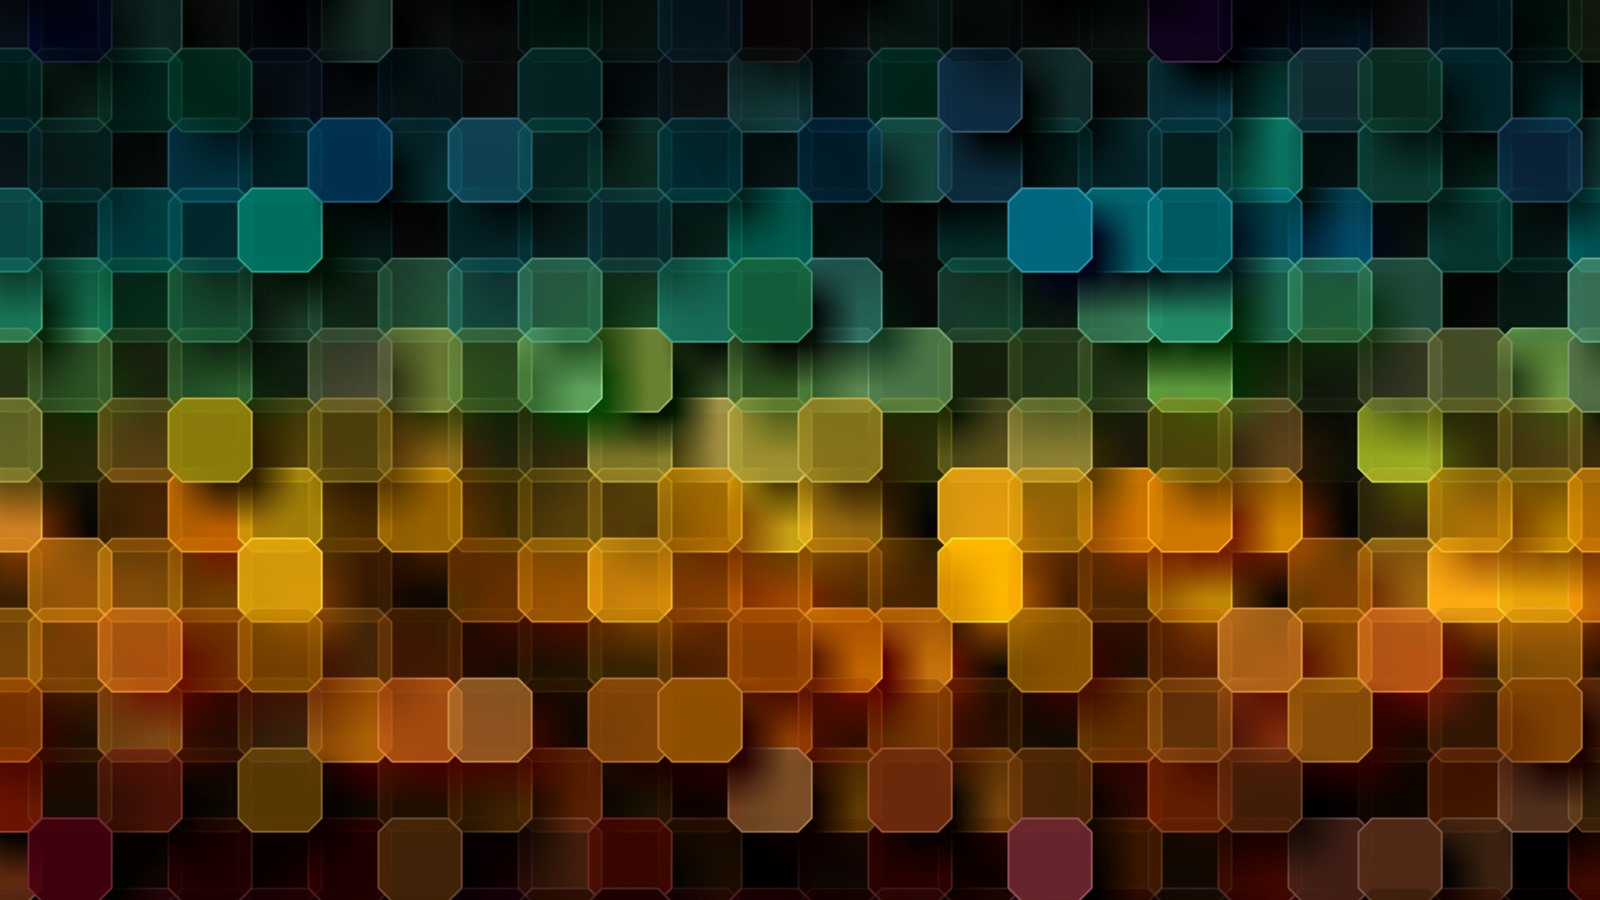 Muitos Quadrados, Colorido, Abstrato 640x1136 IPhone 5/5S